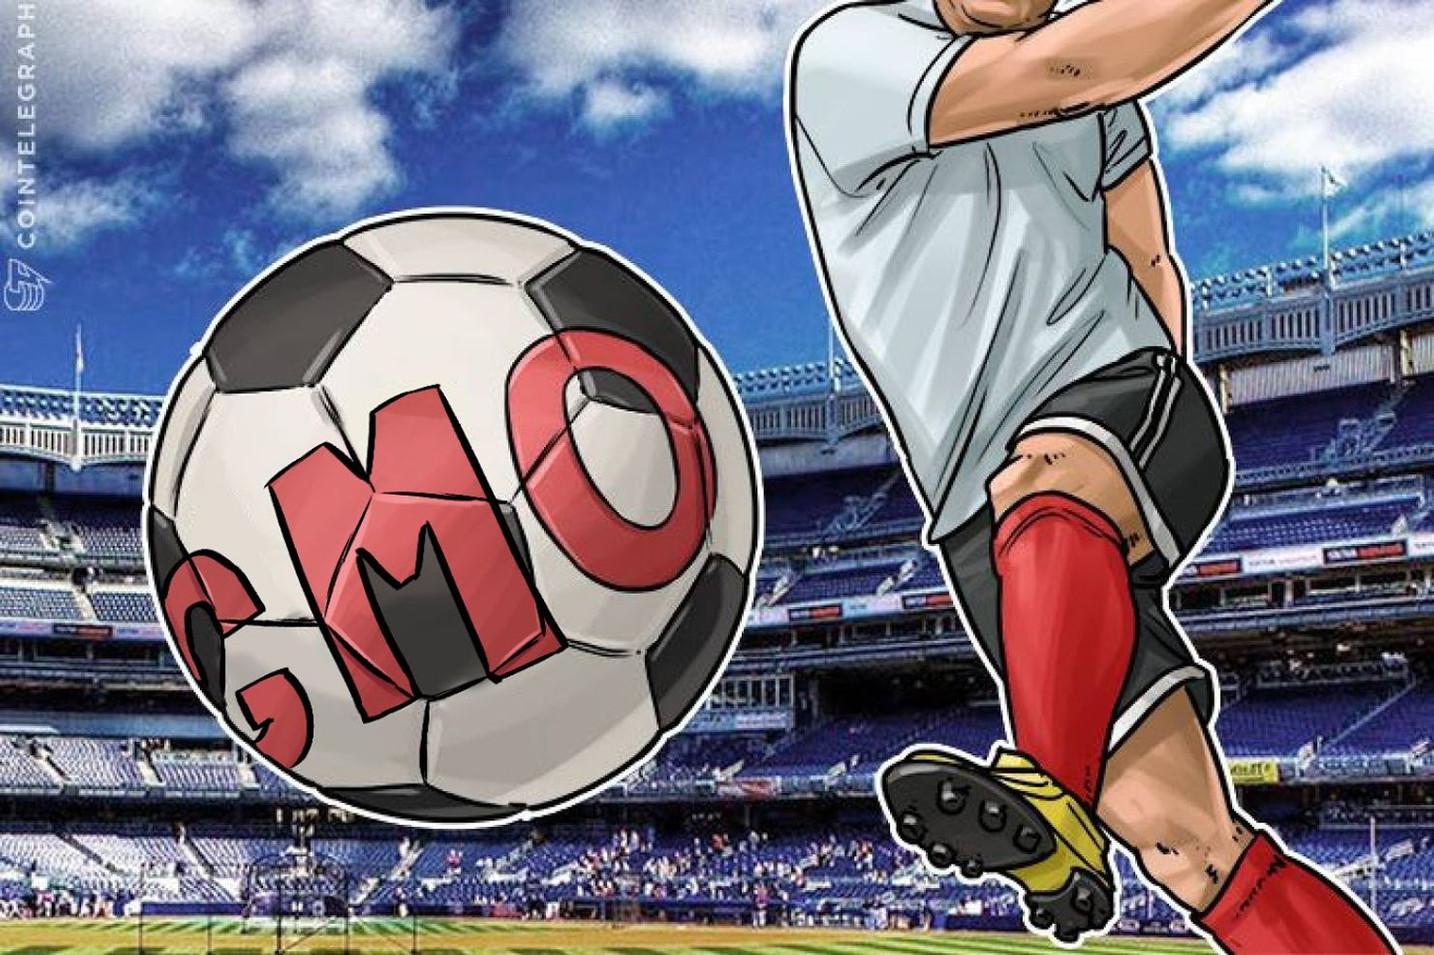 仮想通貨取引所GMOコイン、口座数が1月末で30万件突破【ニュース】